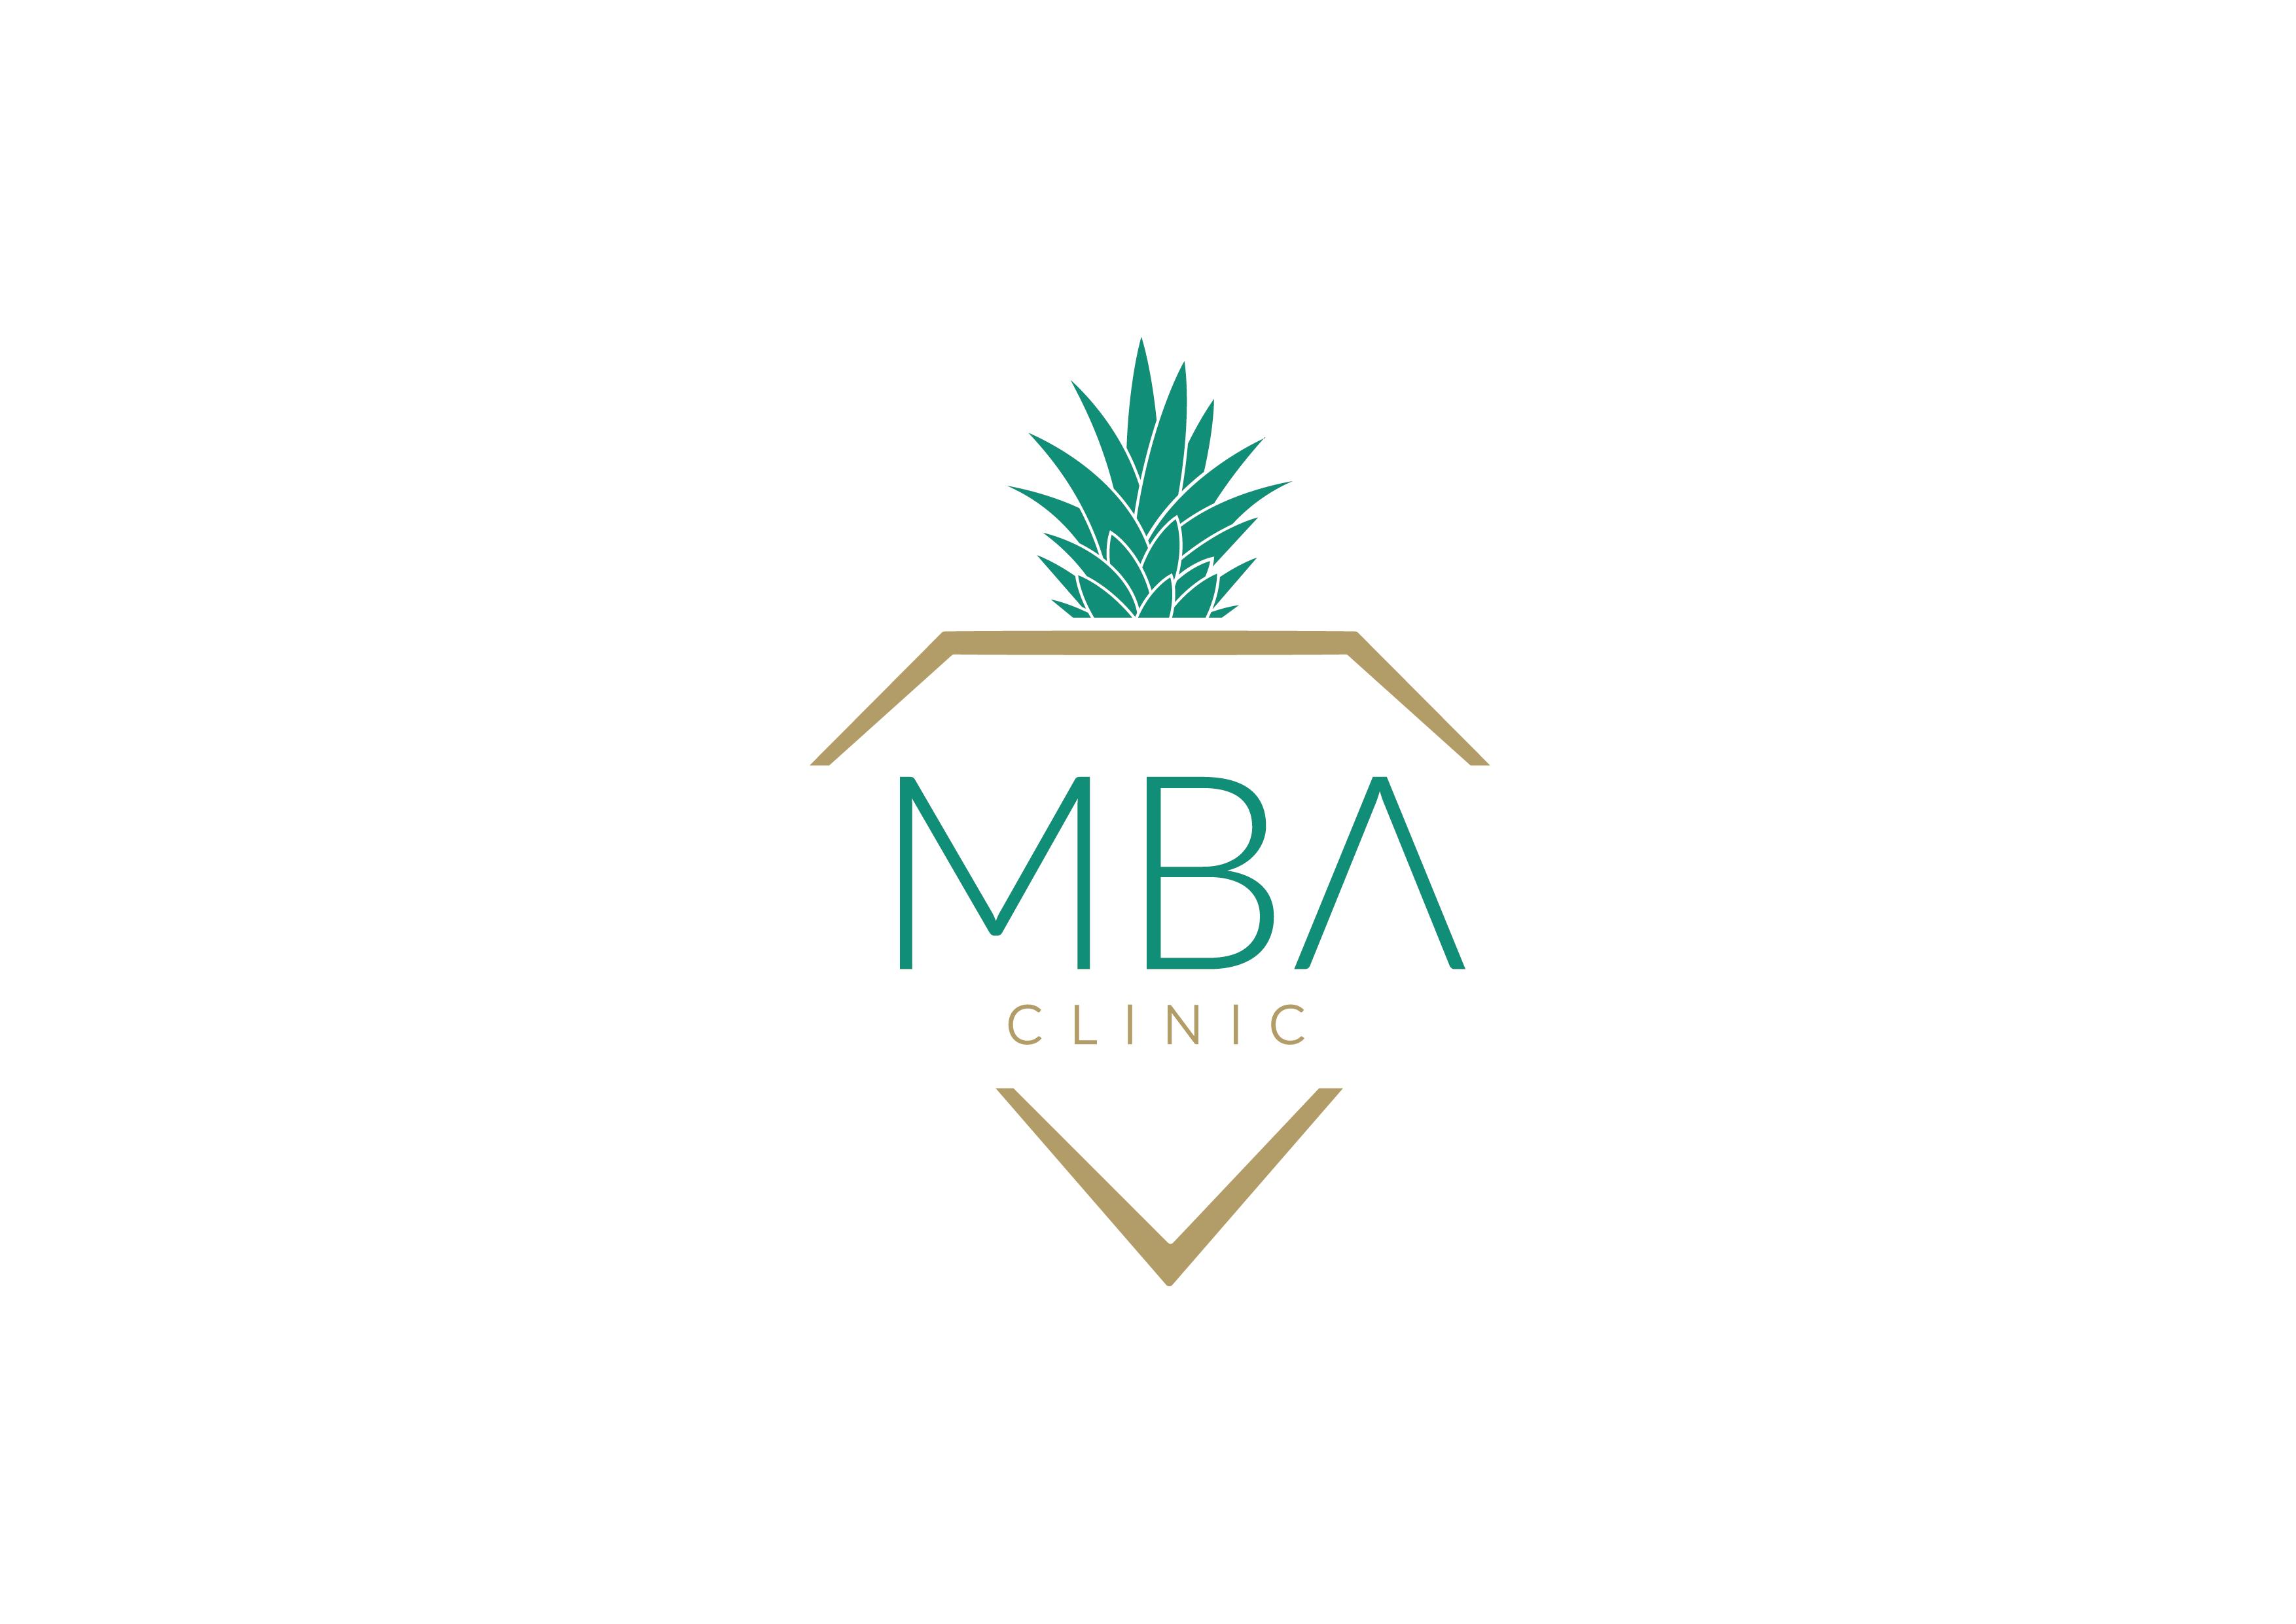 MBA CLINIC | MERVE BİLGE ATALAY  | DİYETİSYEN